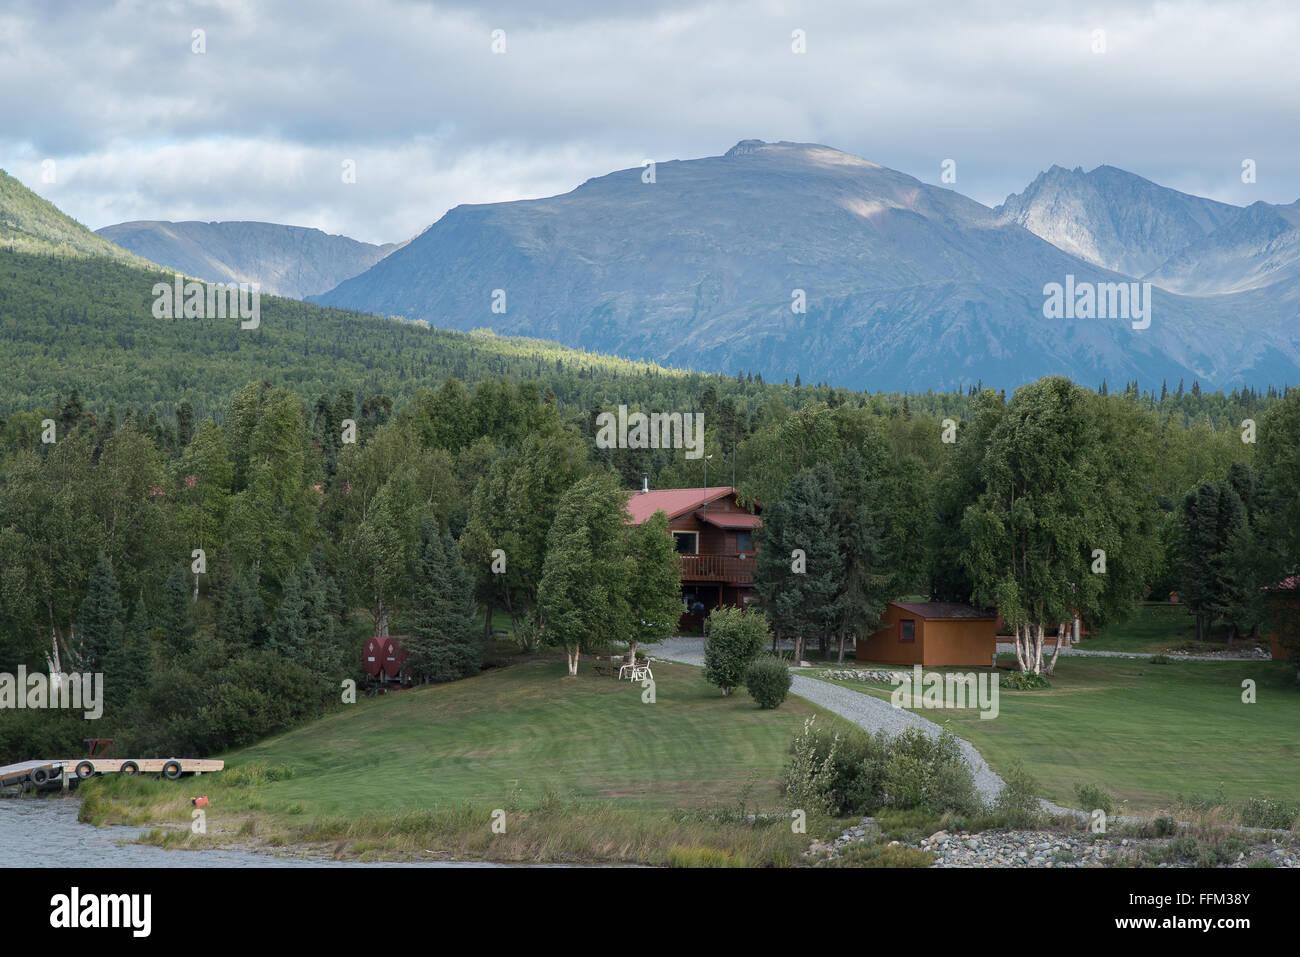 Alaskan getaway - Stock Image